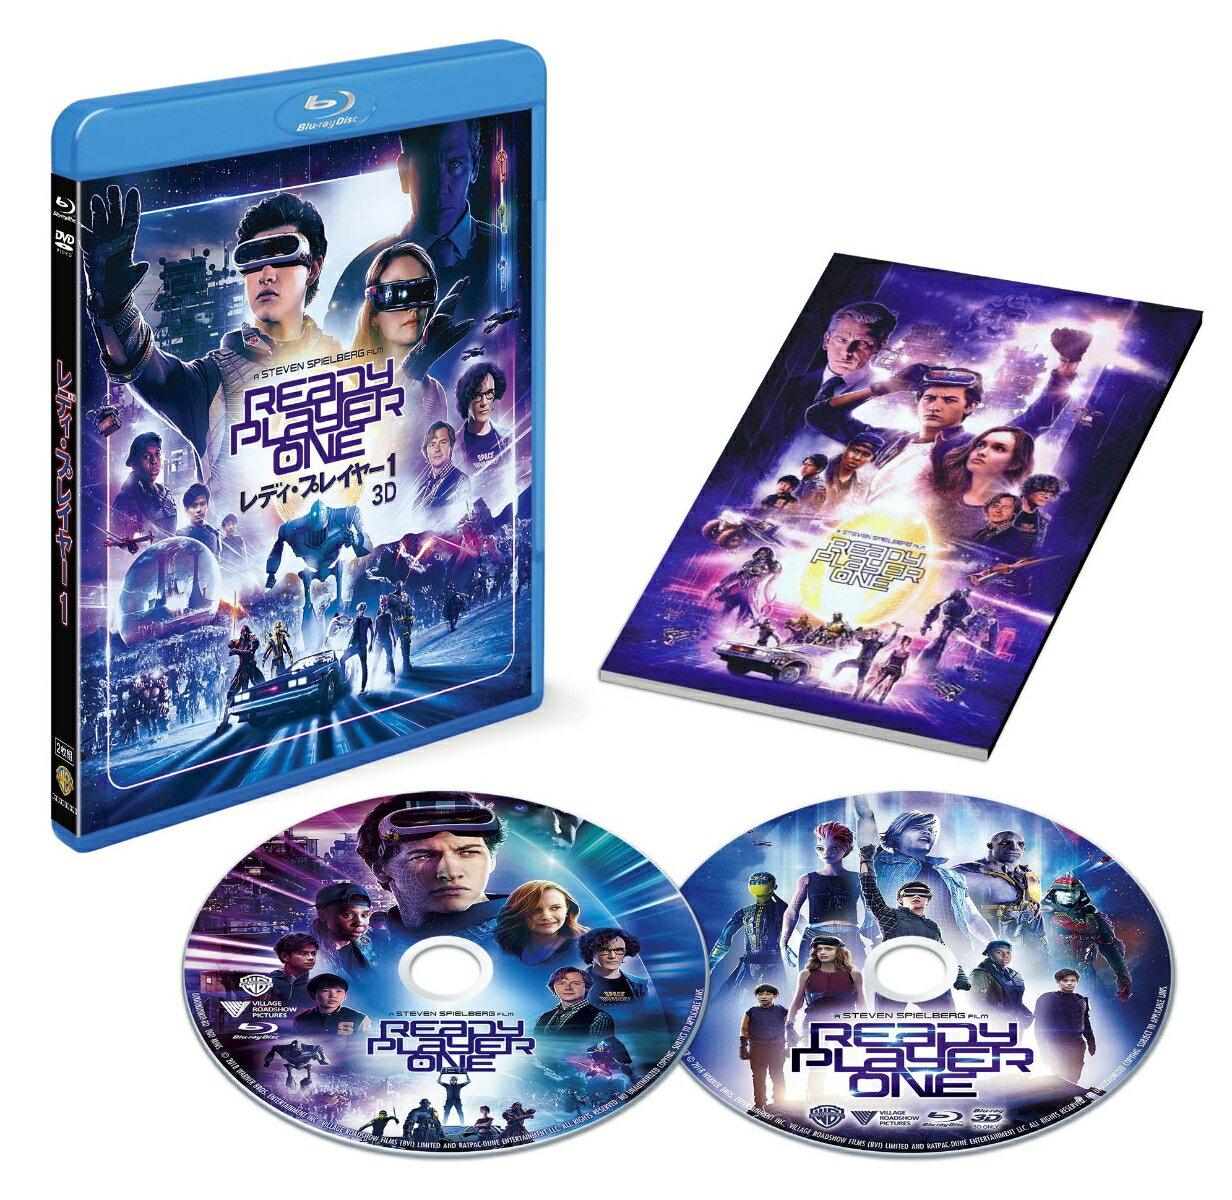 レディ・プレイヤー1 3D&2Dブルーレイセット(2枚組/ブックレット付)(初回仕様)【Blu-ray】 [ タイ・シェリダン ]